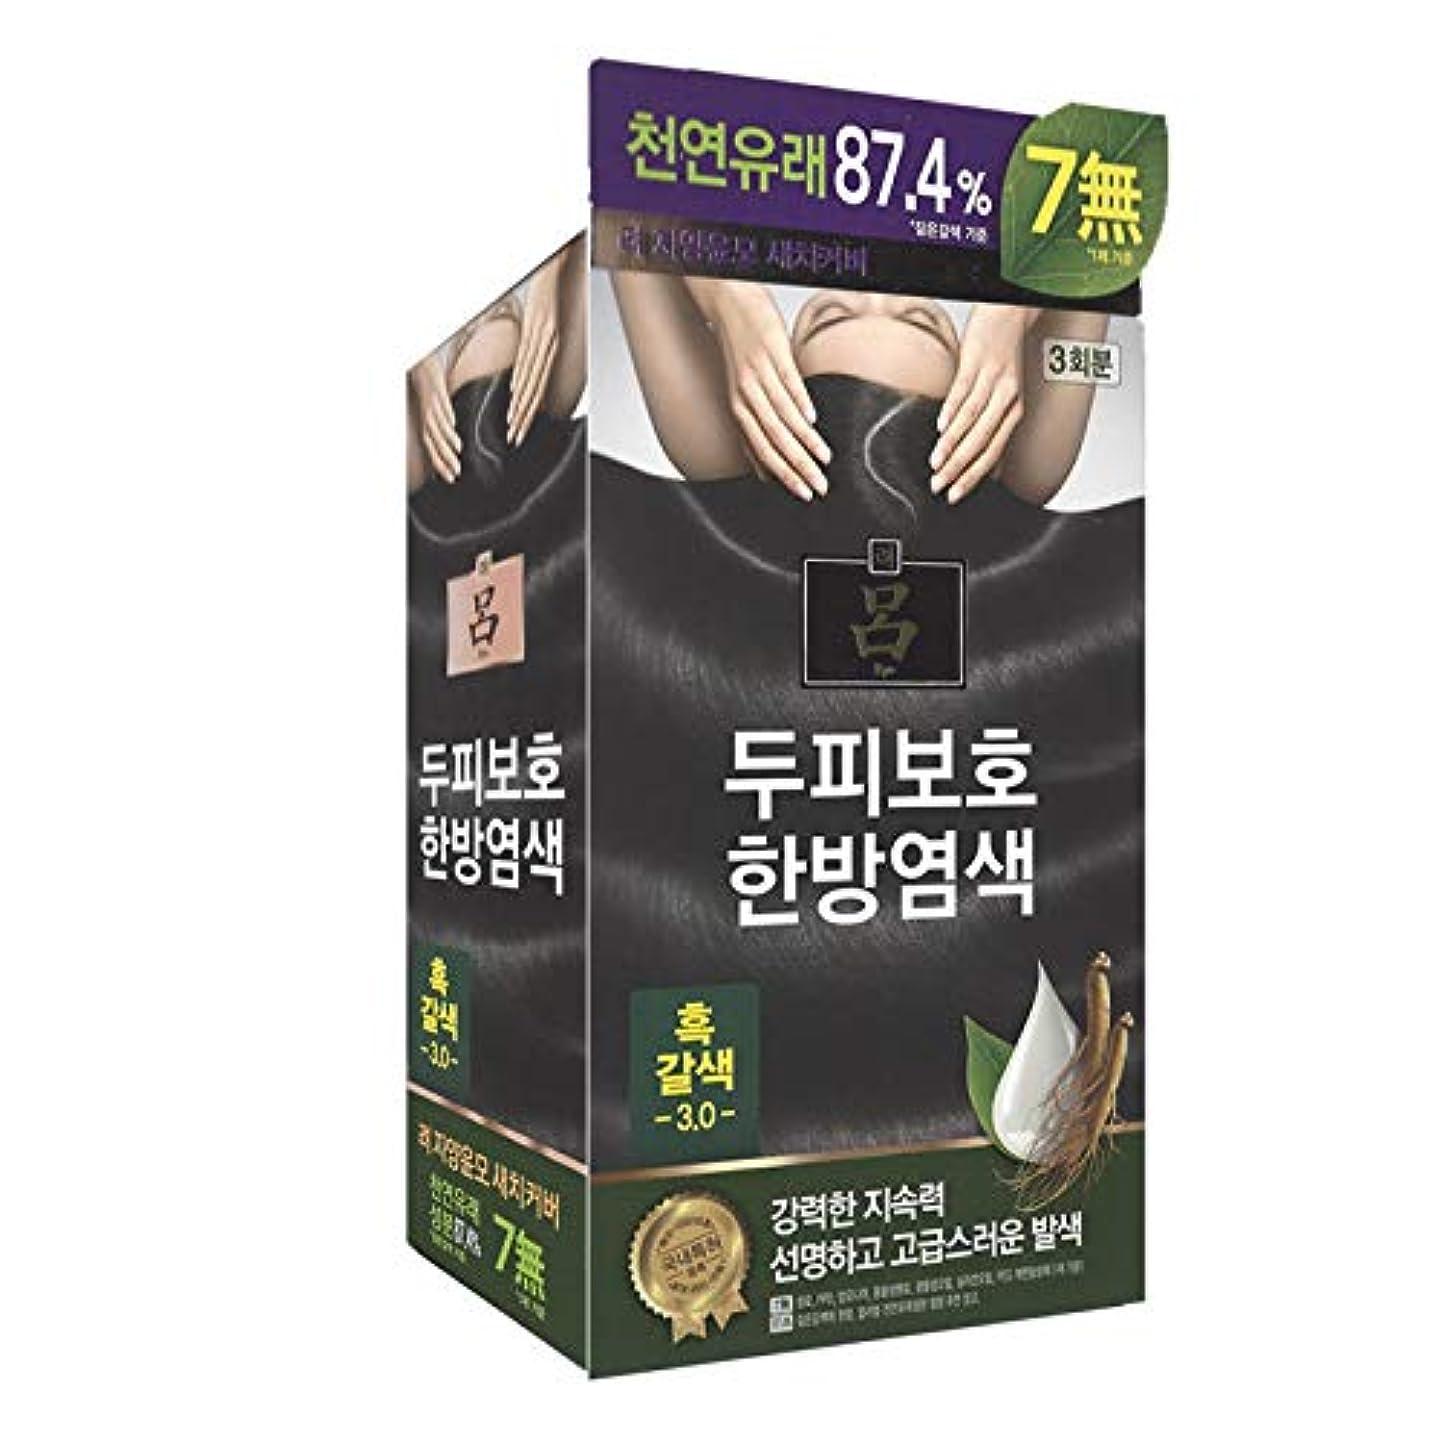 ボート指定事アモーレパシフィック呂[AMOREPACIFIC/Ryo] Jayang Yunmoグレーヘアカバー 3.0 黒褐色(Blackish Brown)